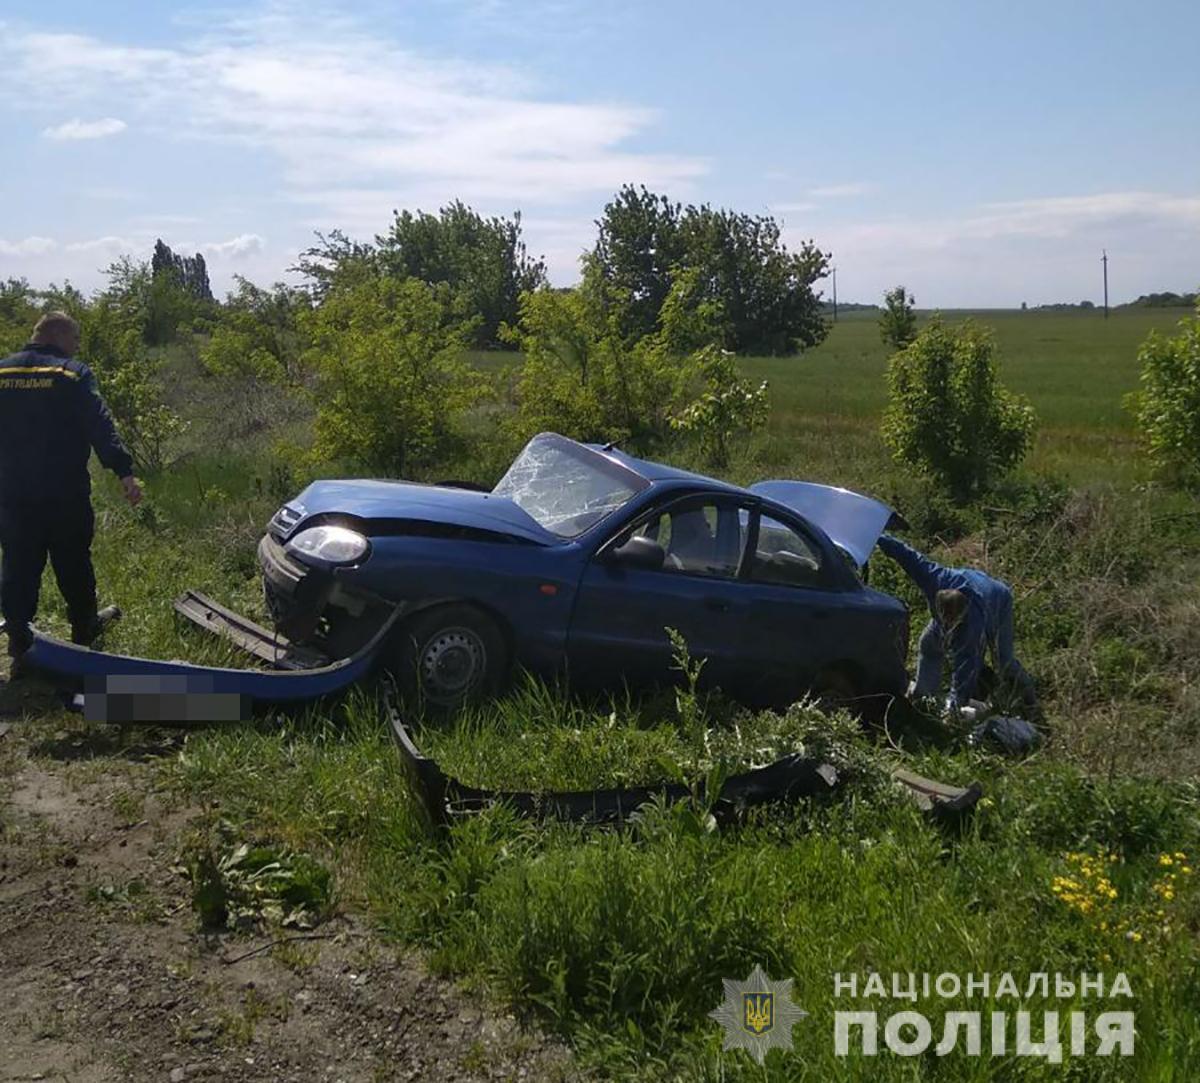 Авария на трассе под Запорожьем / фото: ГУНП Днепропетровской области